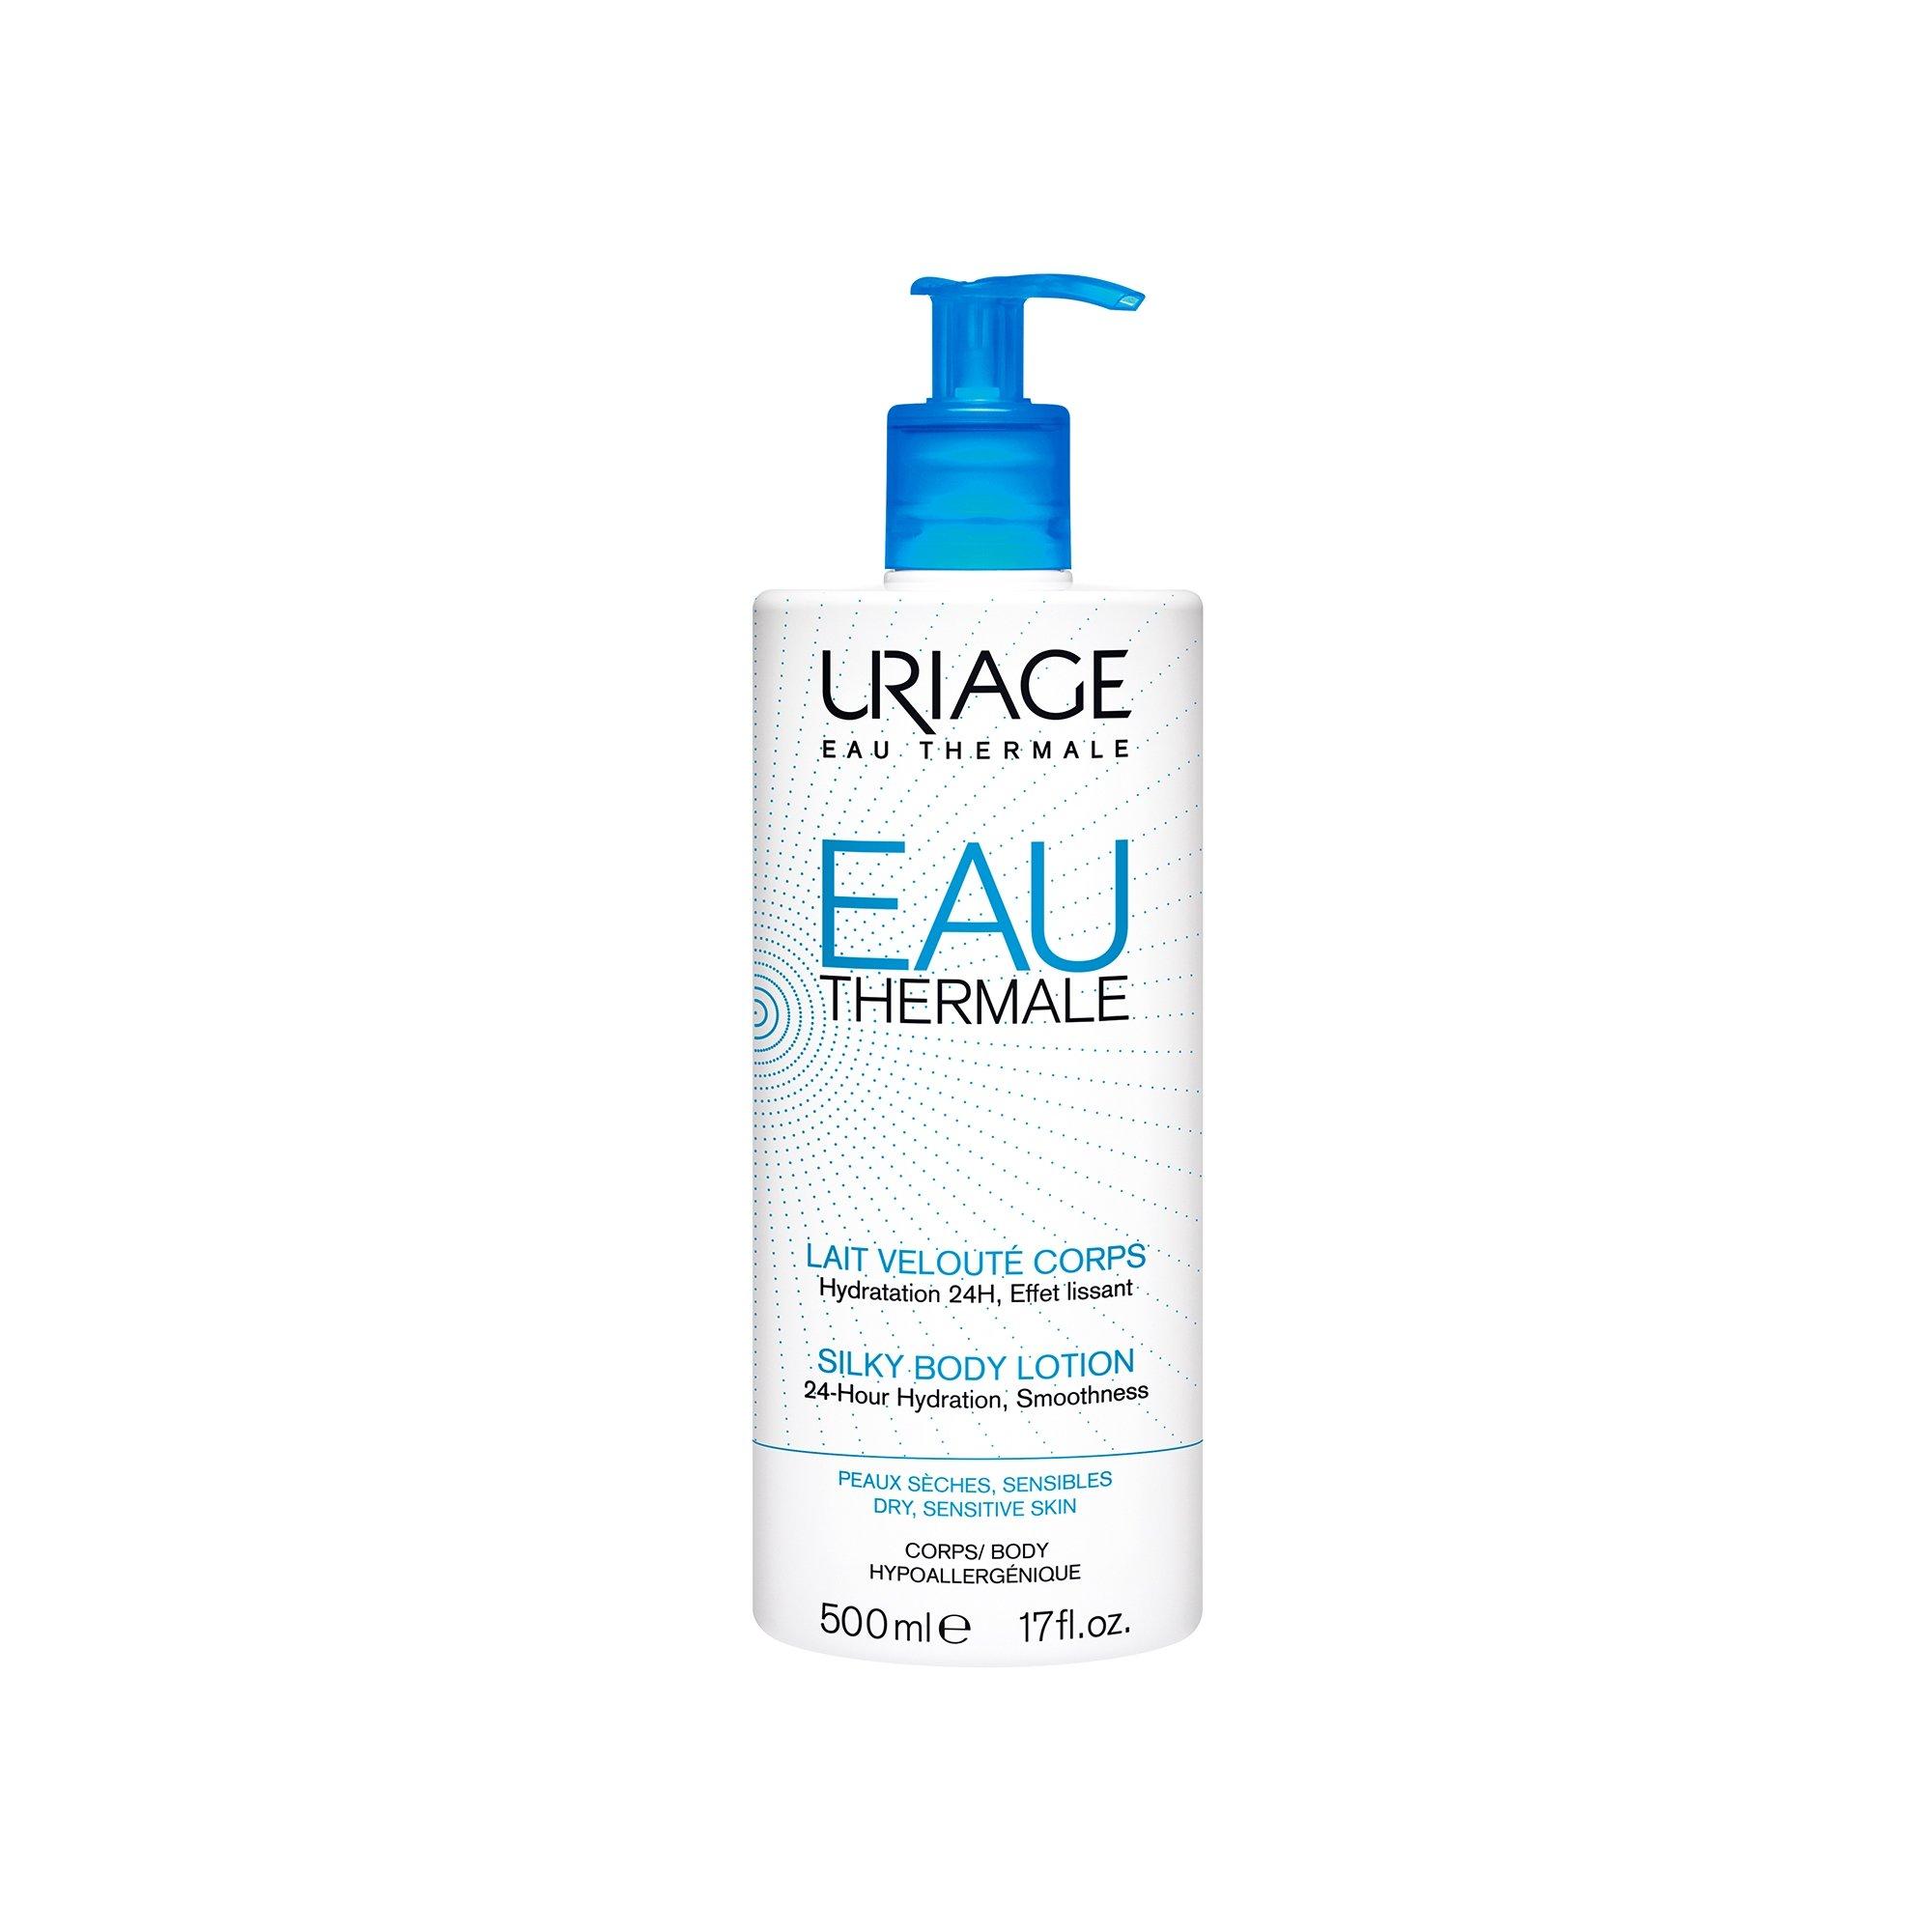 Uriage Eau Thermale Silky Body Lotion Ενυδατώνει Εντατικά για 24 ώρες 500ml